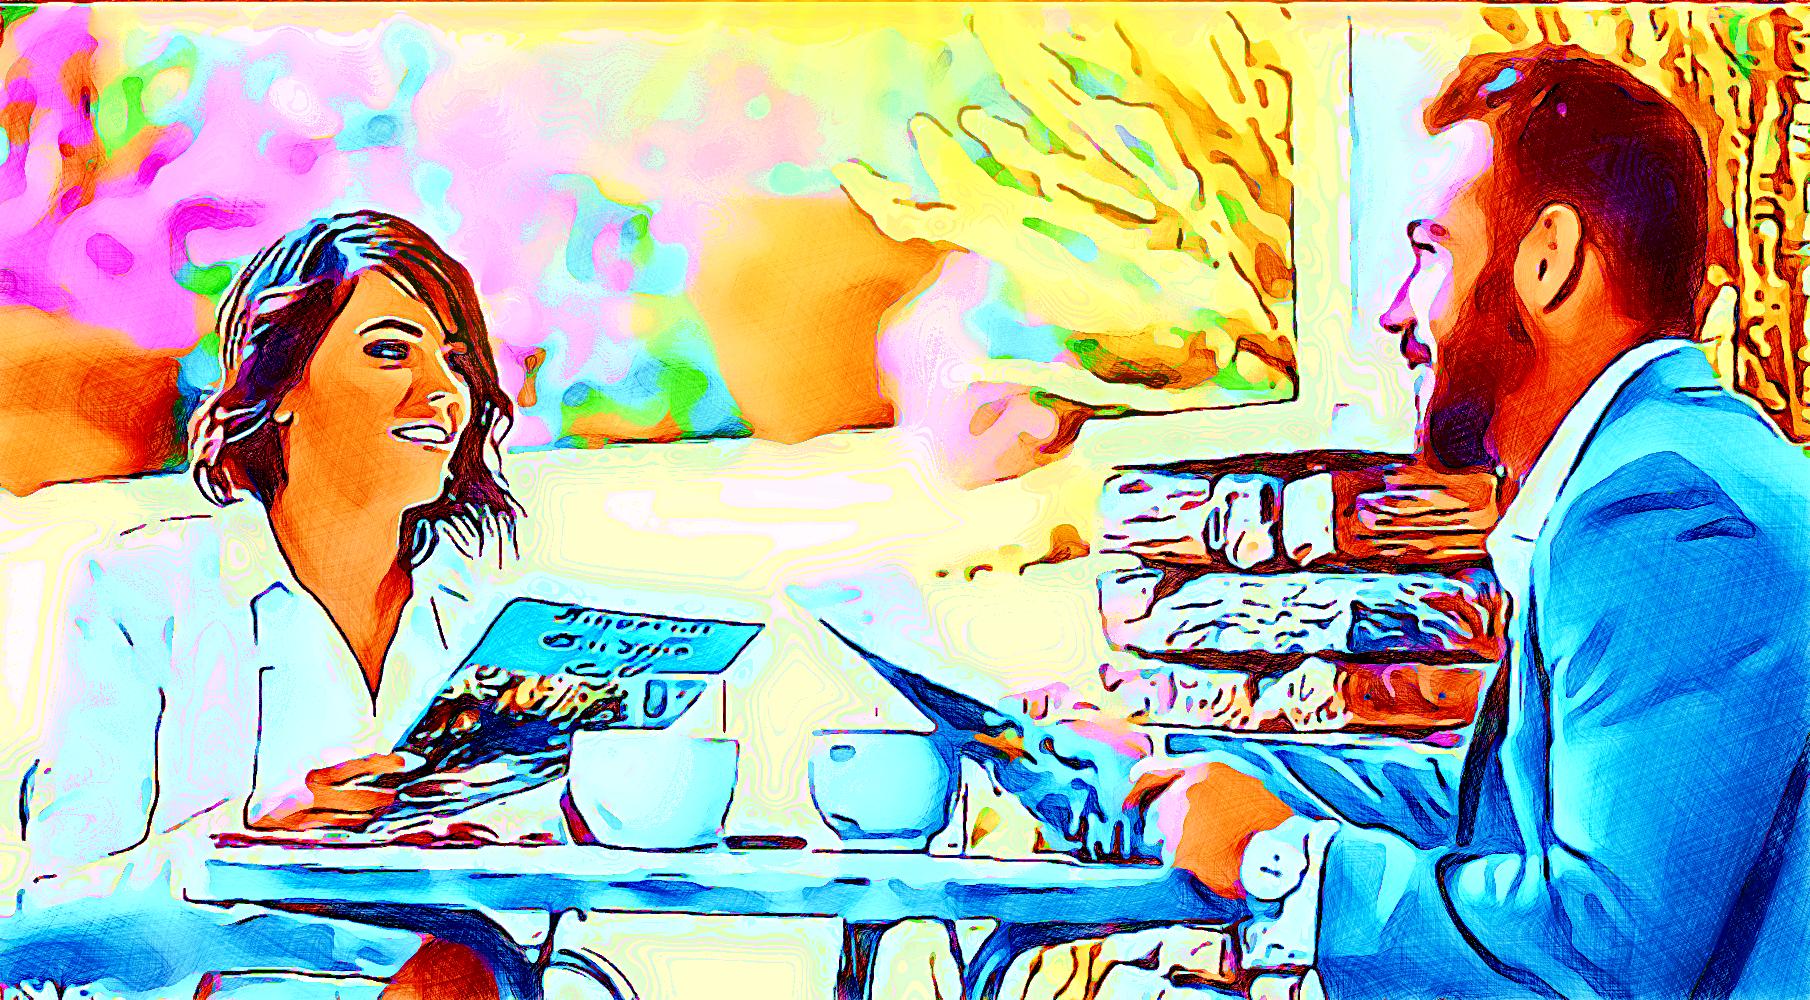 Anime che si specchiano (pittura, Francesco Galgani, 28 agosto 2021)